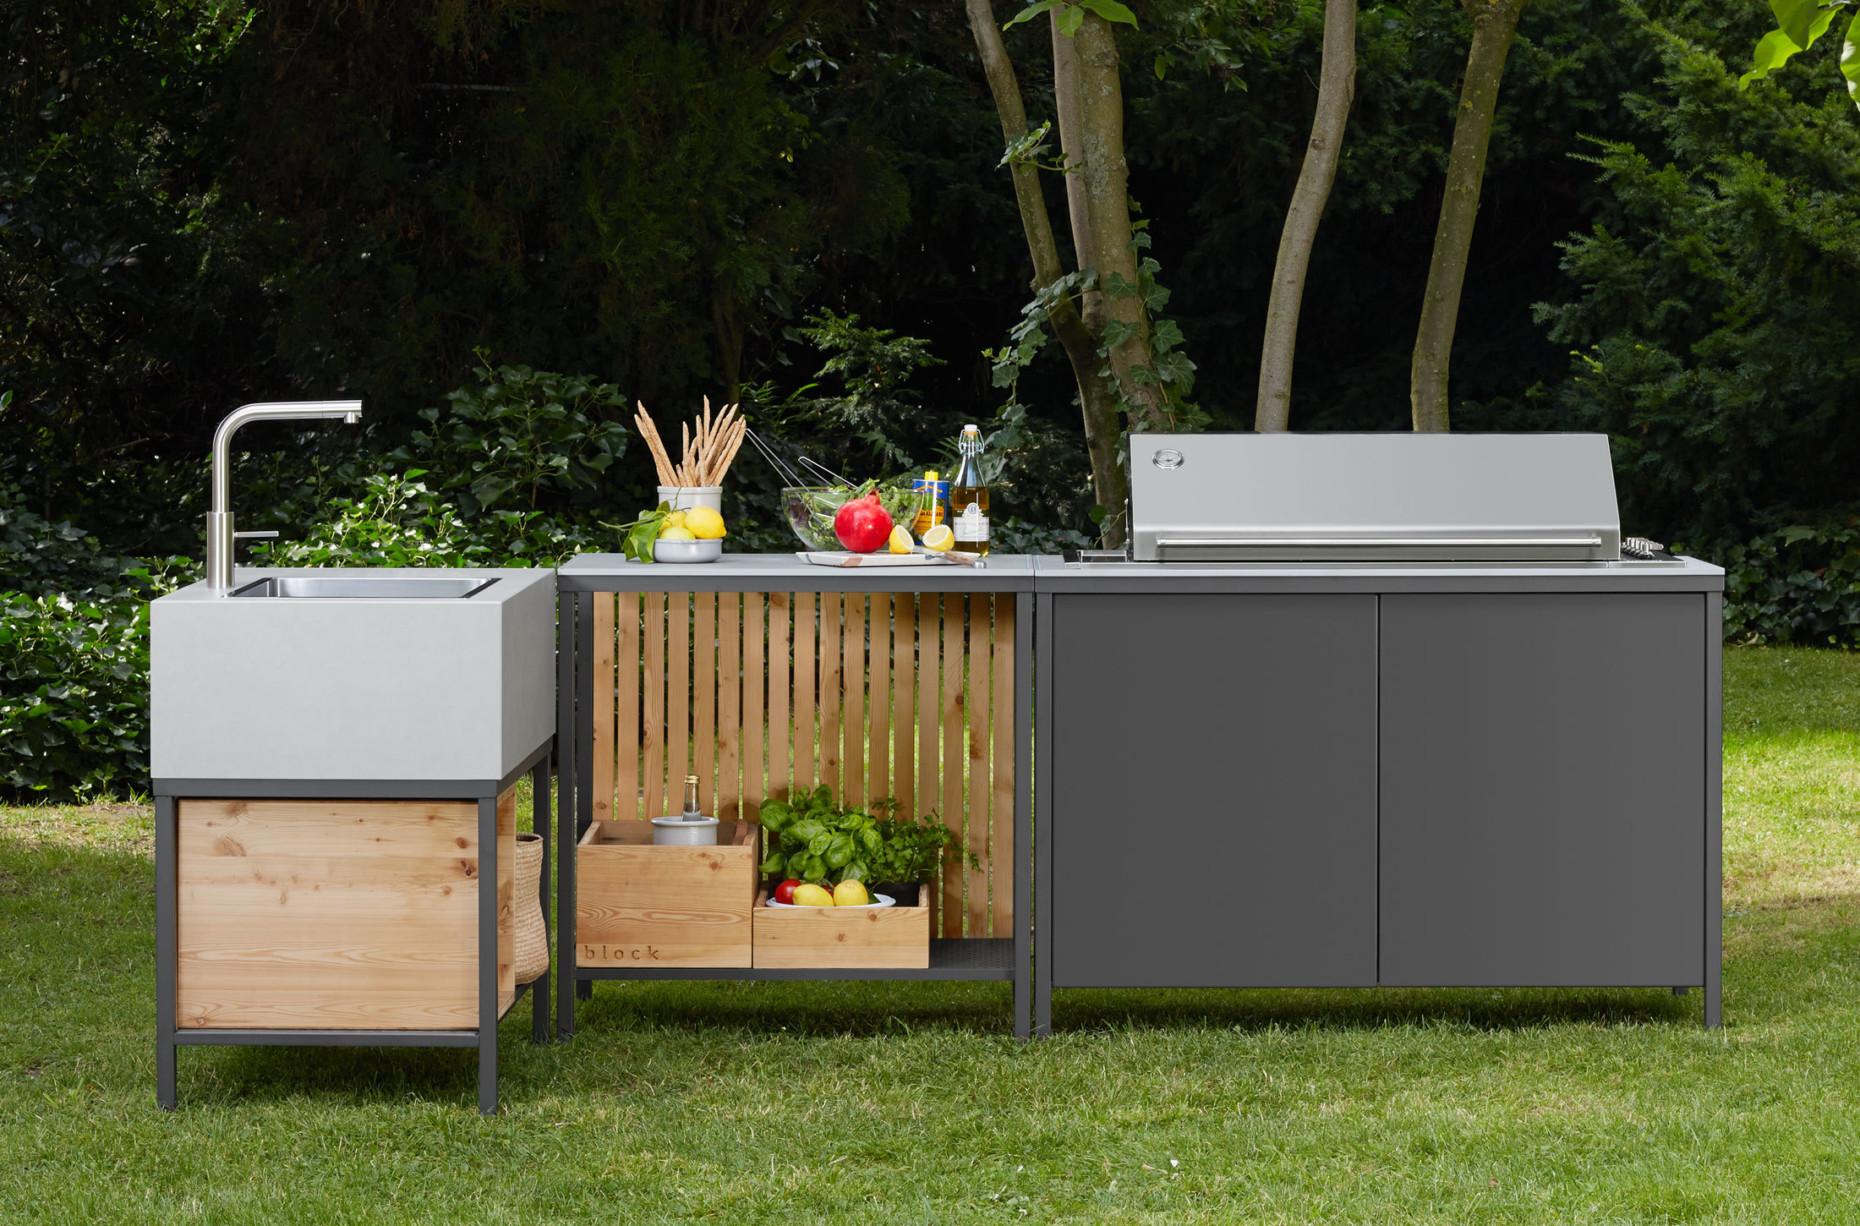 Türen Für Außenküche : Außenküche grillplatz outdoorküche teil es geht weiter